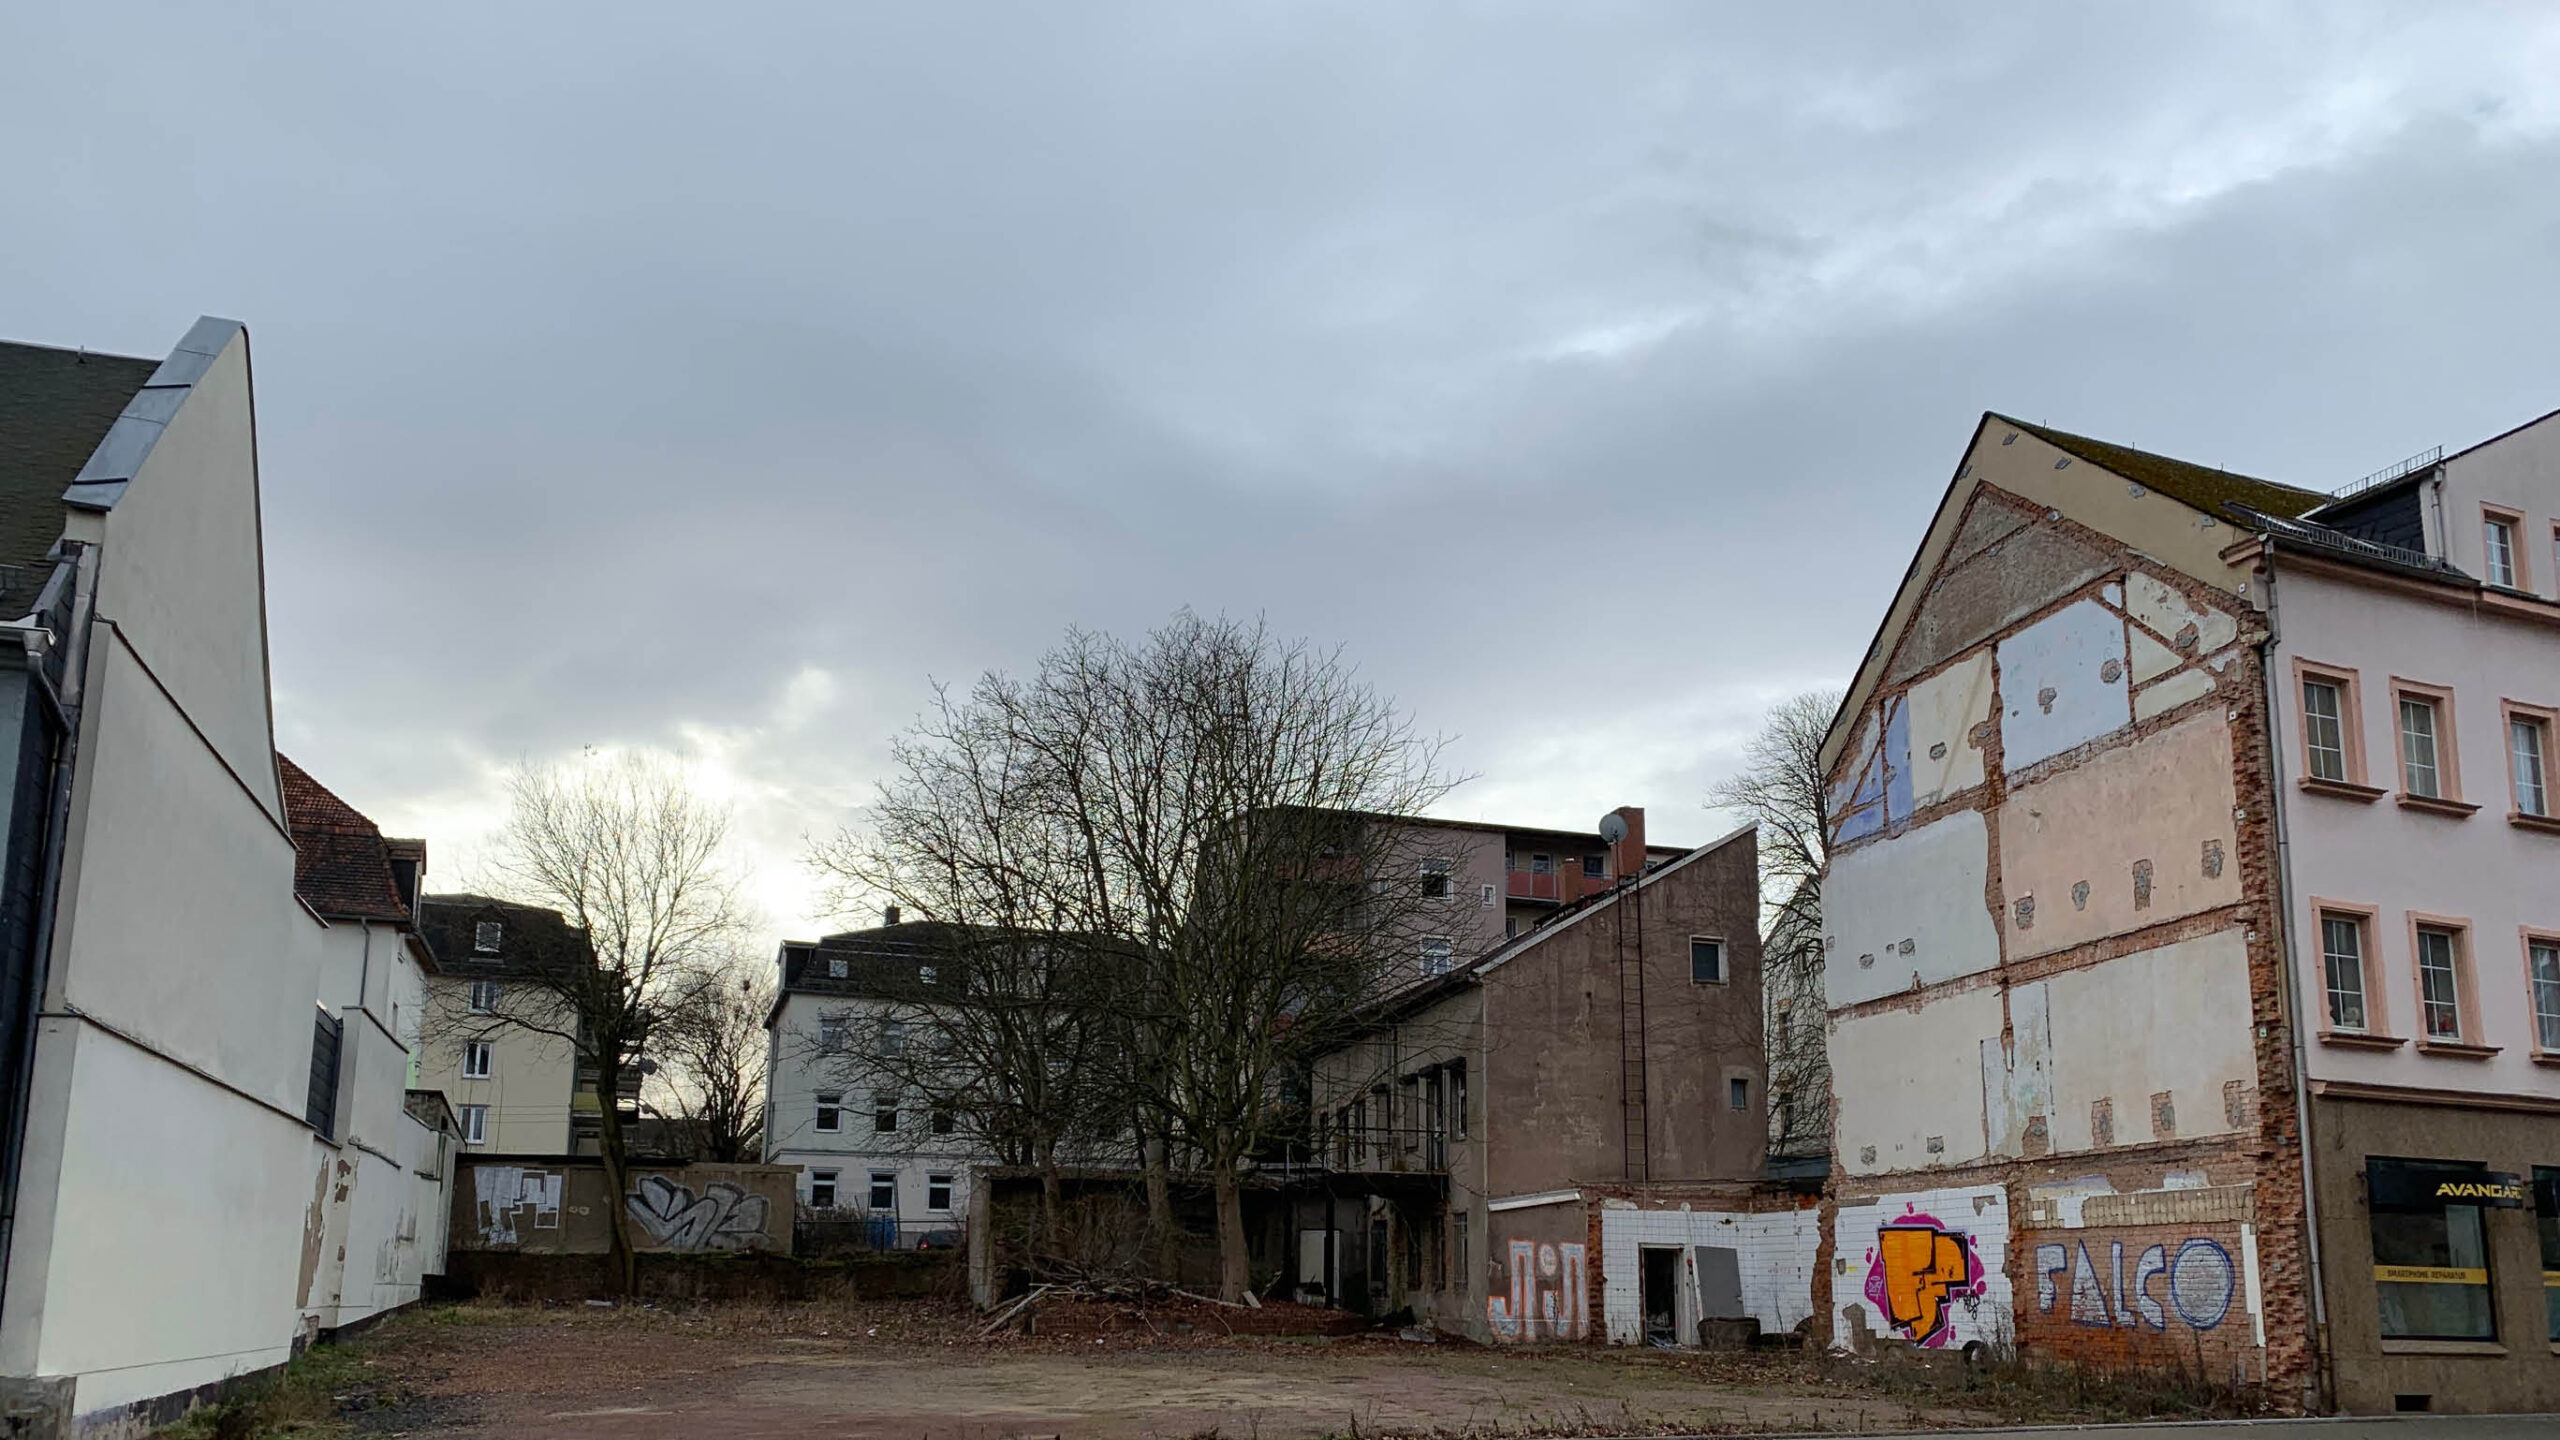 Citywide strategic vision for Chemnitz (Chemnitz strategy)